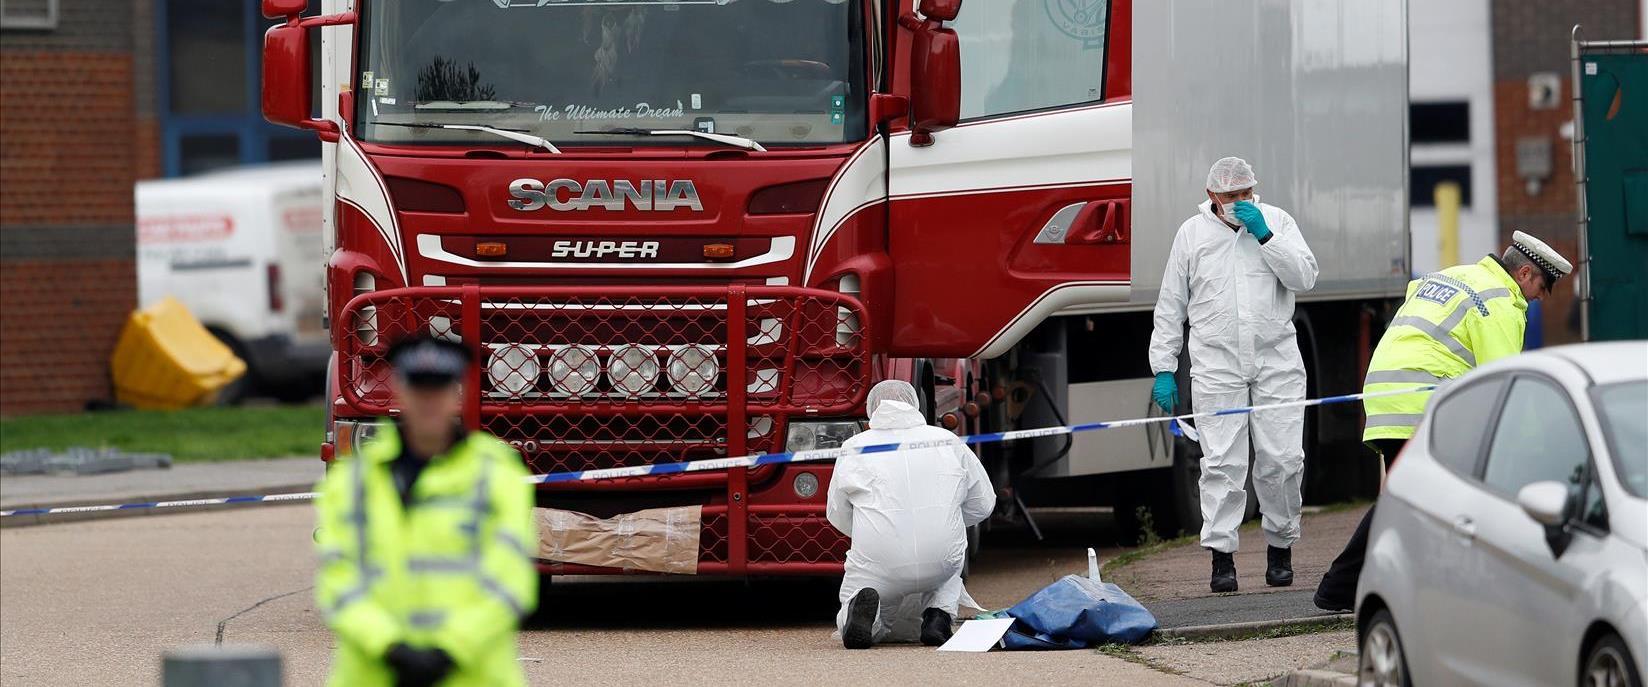 המשאית שבה נמצאו גופות המהגרים באסקס, בריטניה